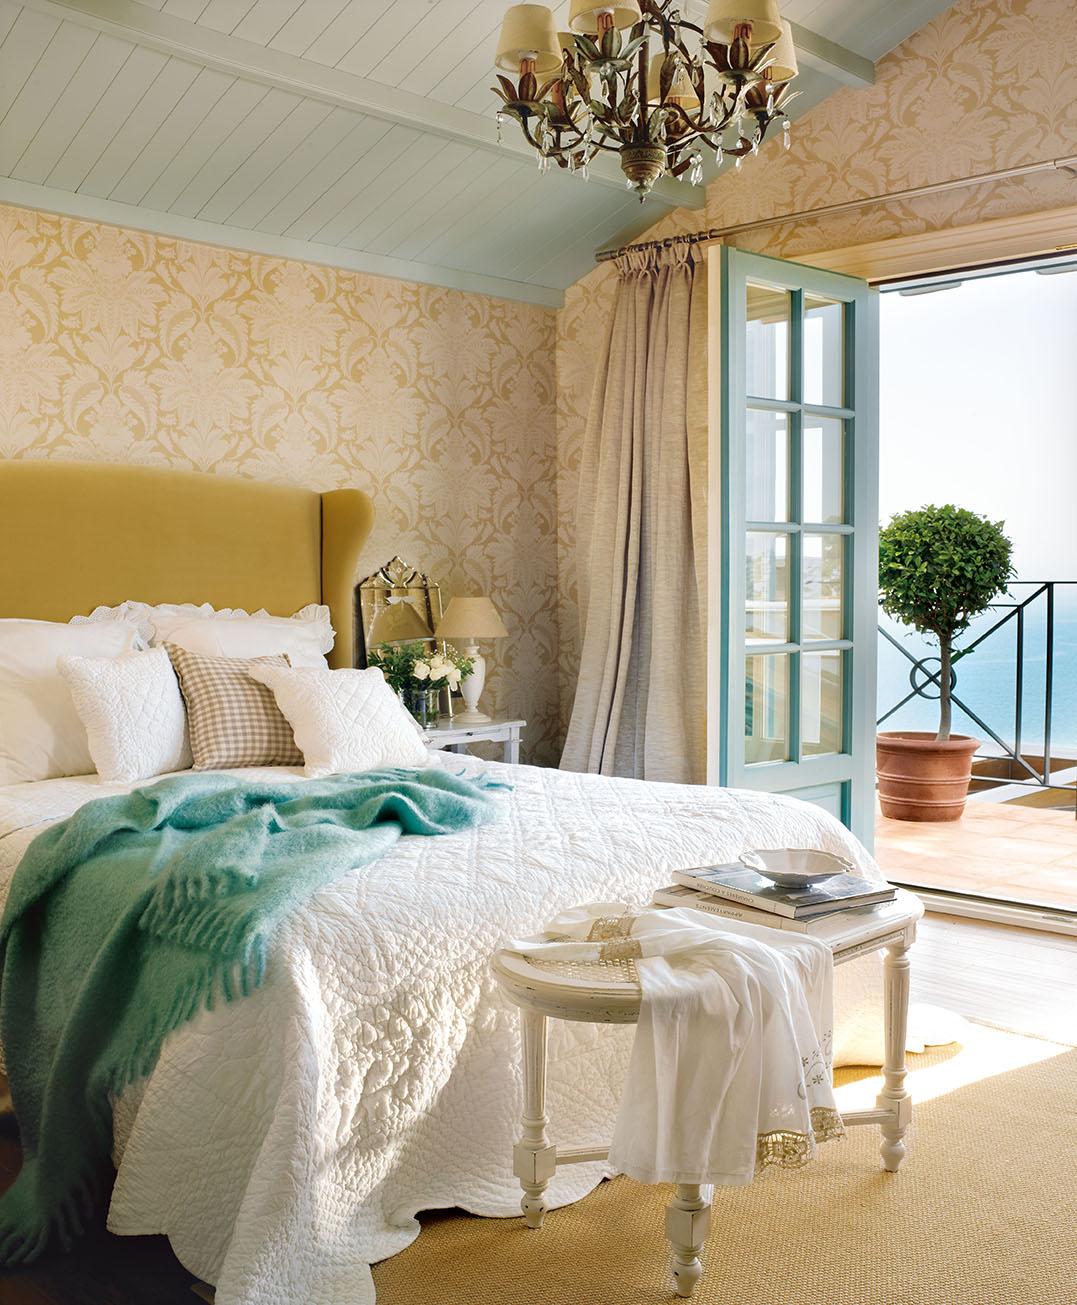 00320821. Amplio dormitorio principal con un cabecero color mostaza y vistas al jardín a través de un balcón_00320821